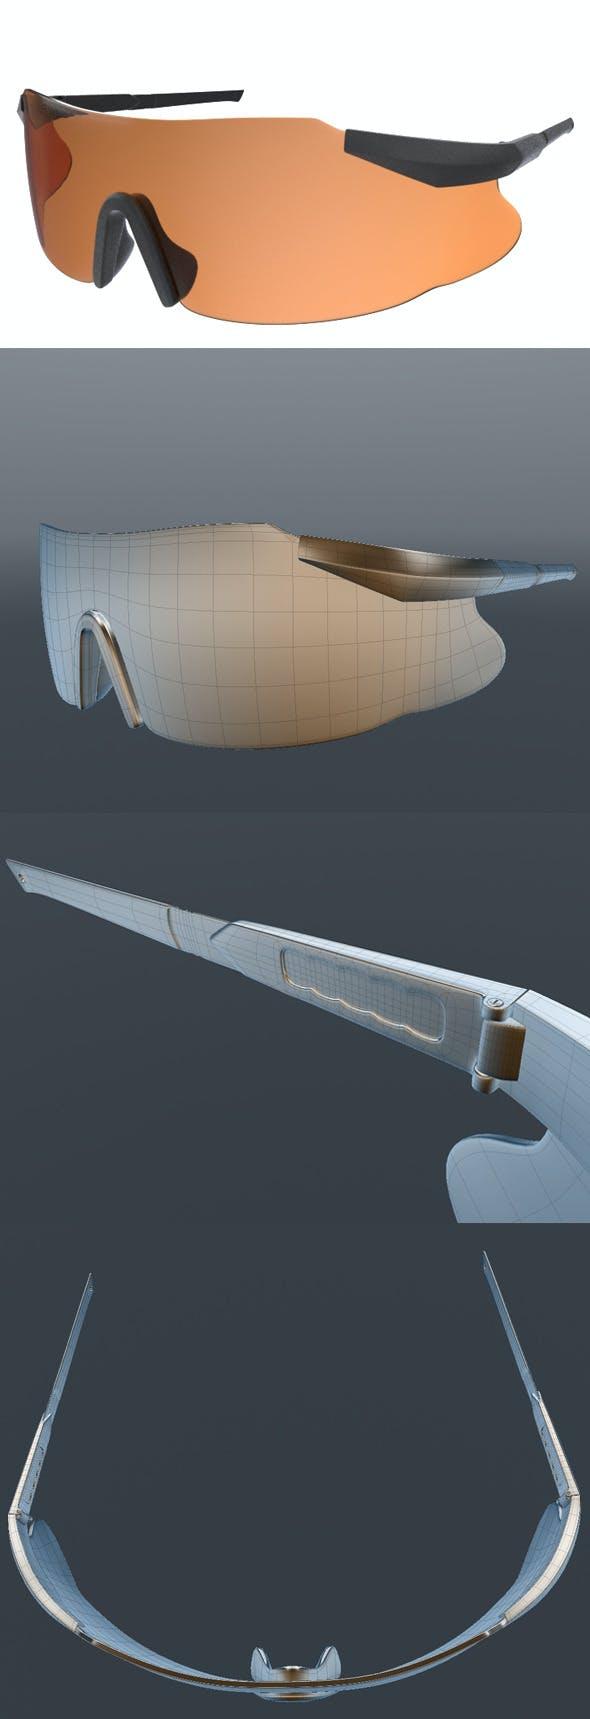 Ballistic_eyewear - 3DOcean Item for Sale